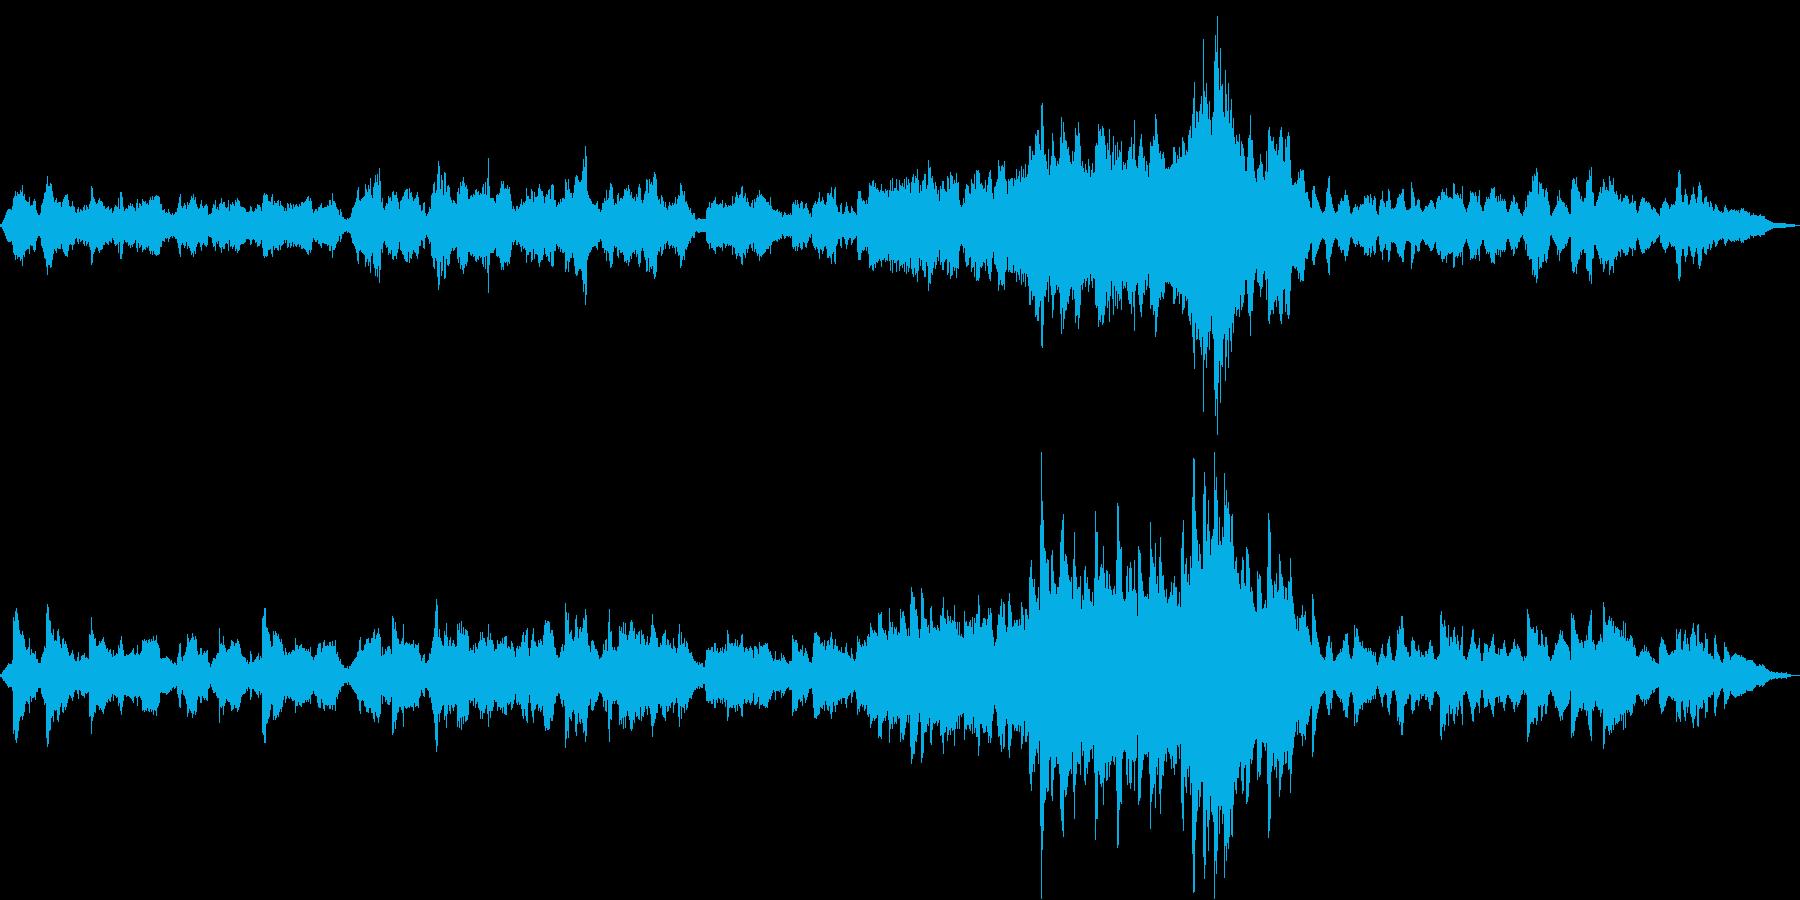 【生演奏】いきなりLOVEな展開の再生済みの波形